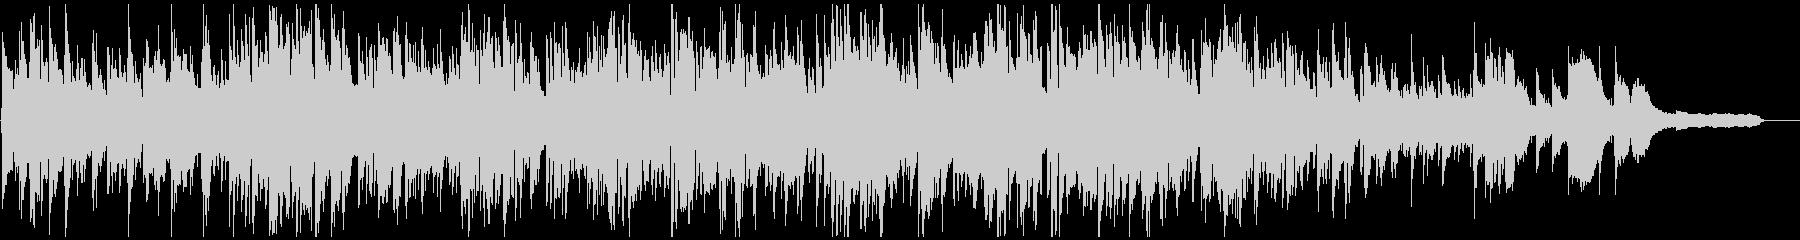 爽やかなボサノバ、素敵なサックスの音色の未再生の波形